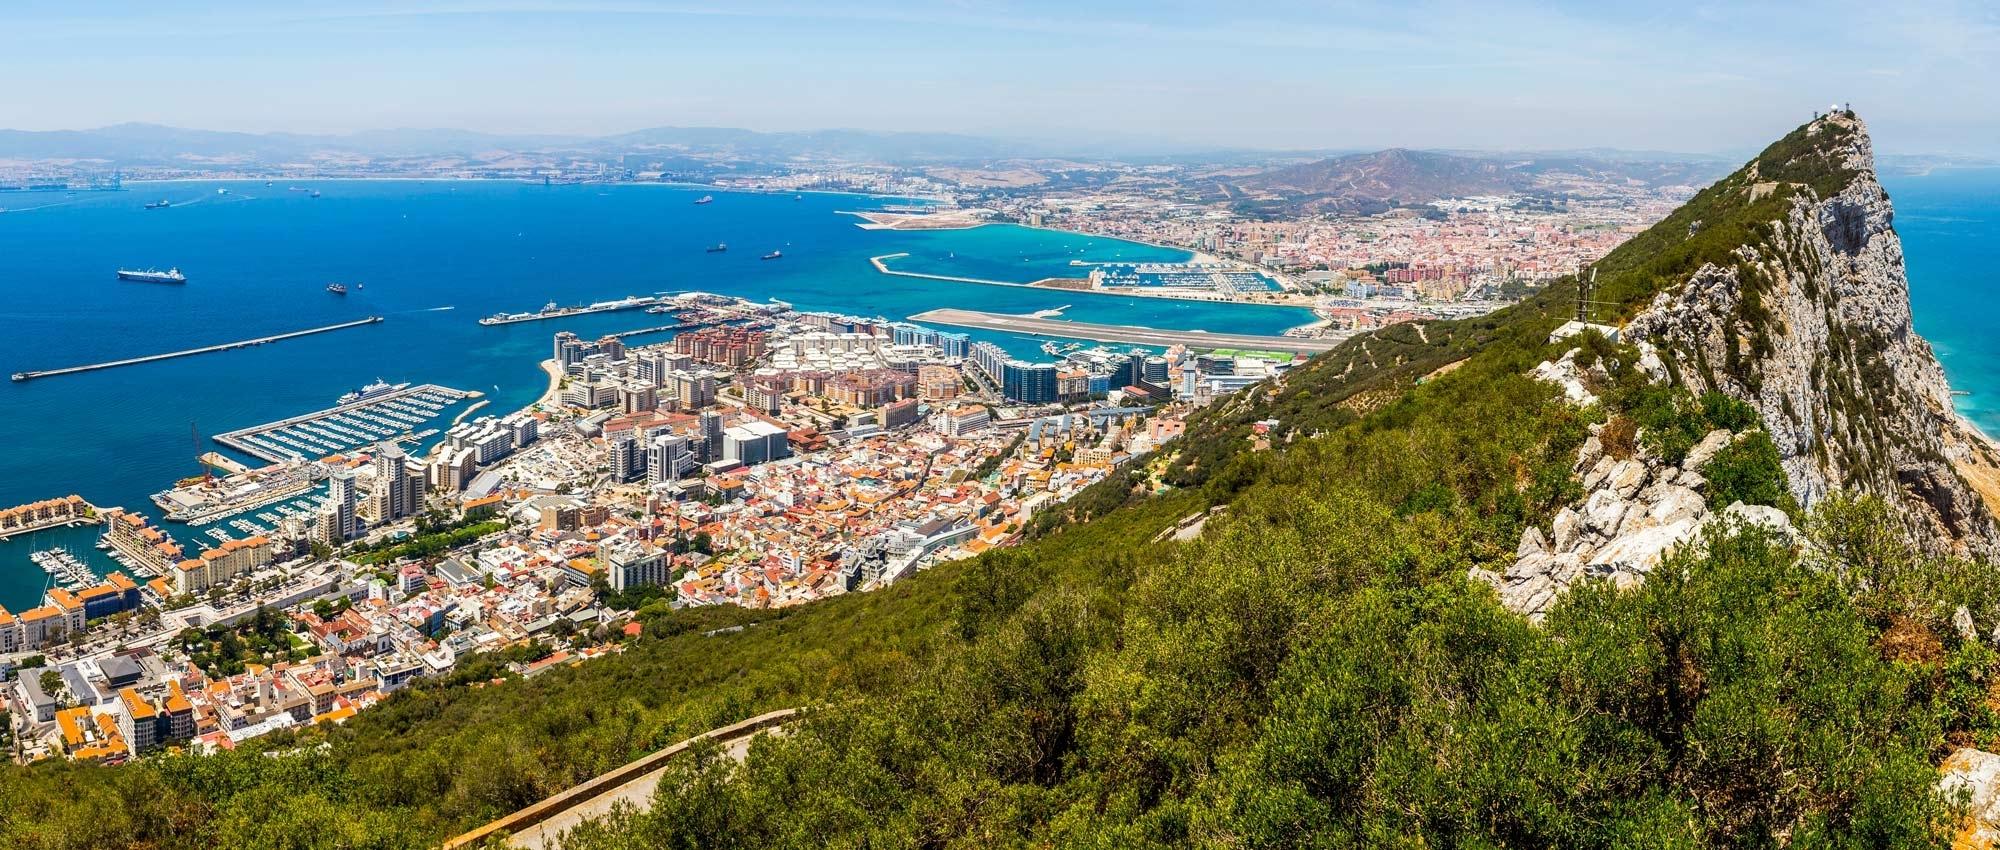 Noleggio Aston Martin a Gibilterra